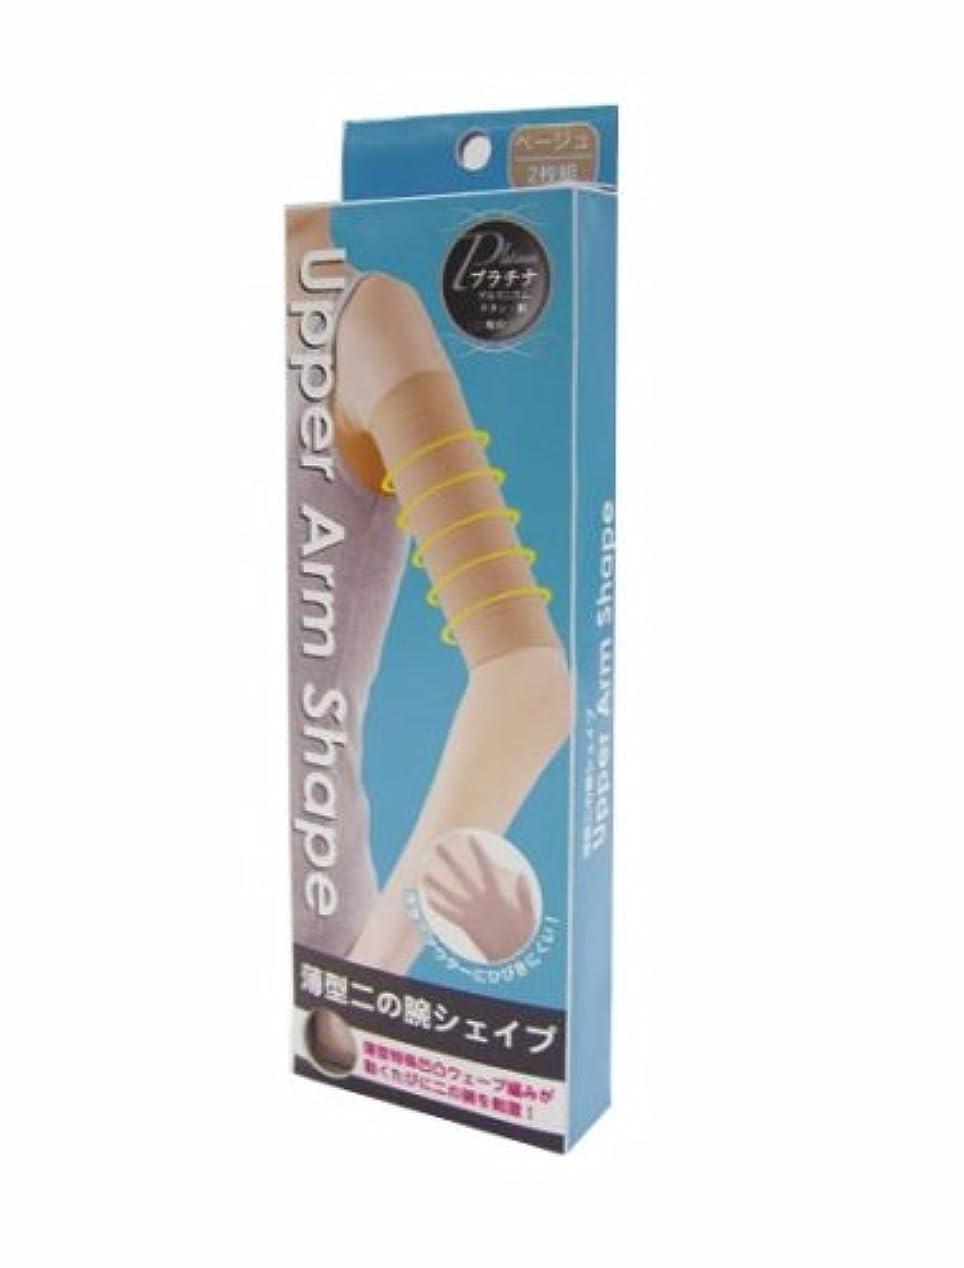 昆虫睡眠配管薄型二の腕シェイプ ベージュ